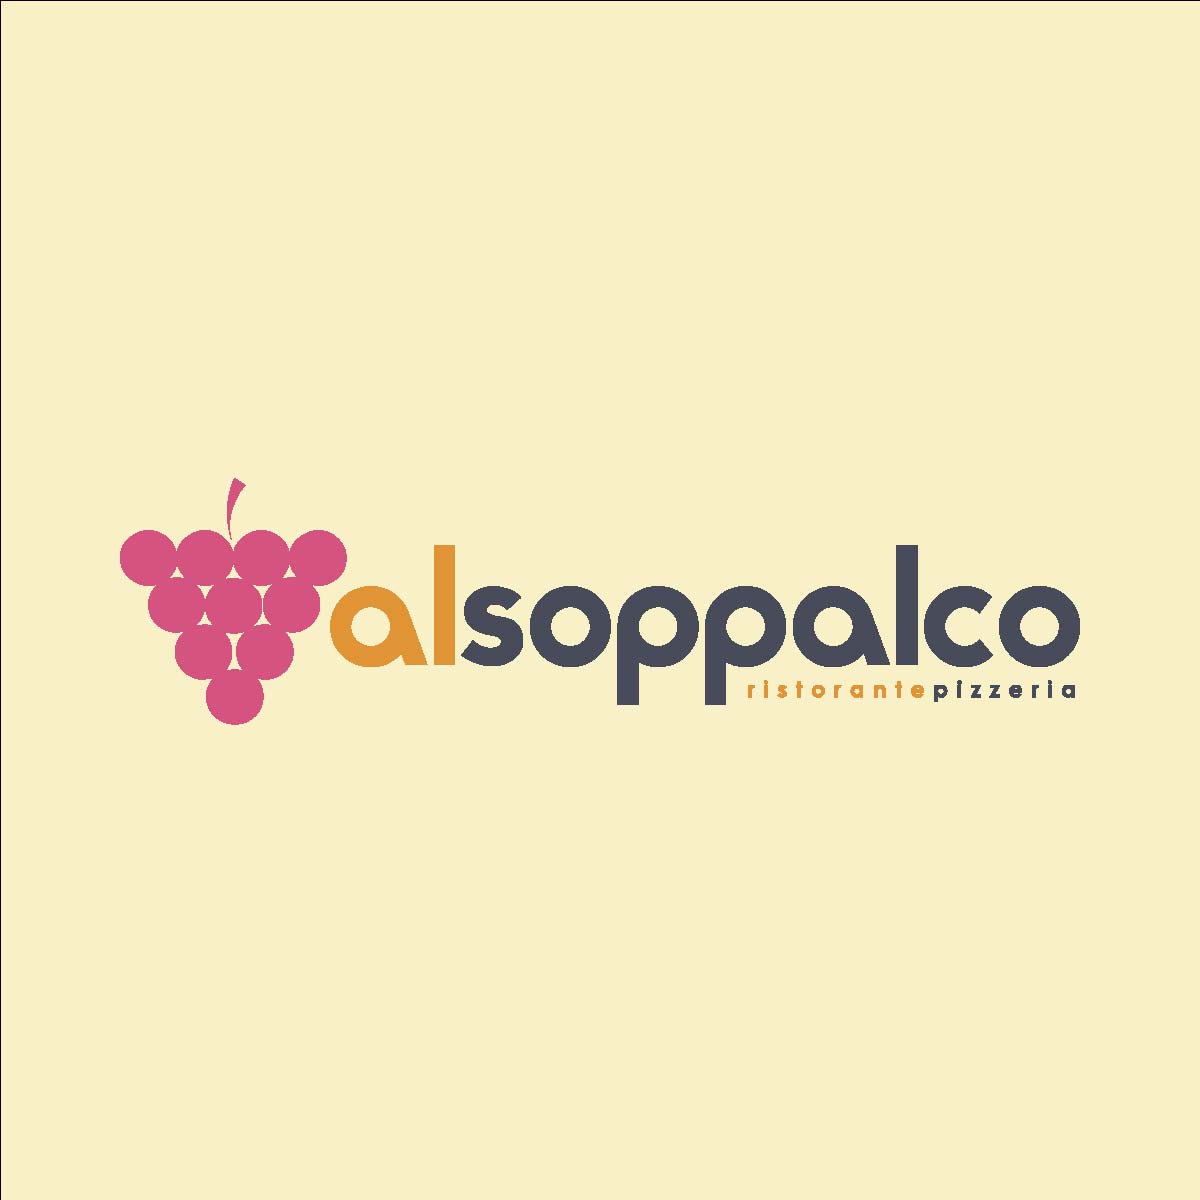 Alsoppalco